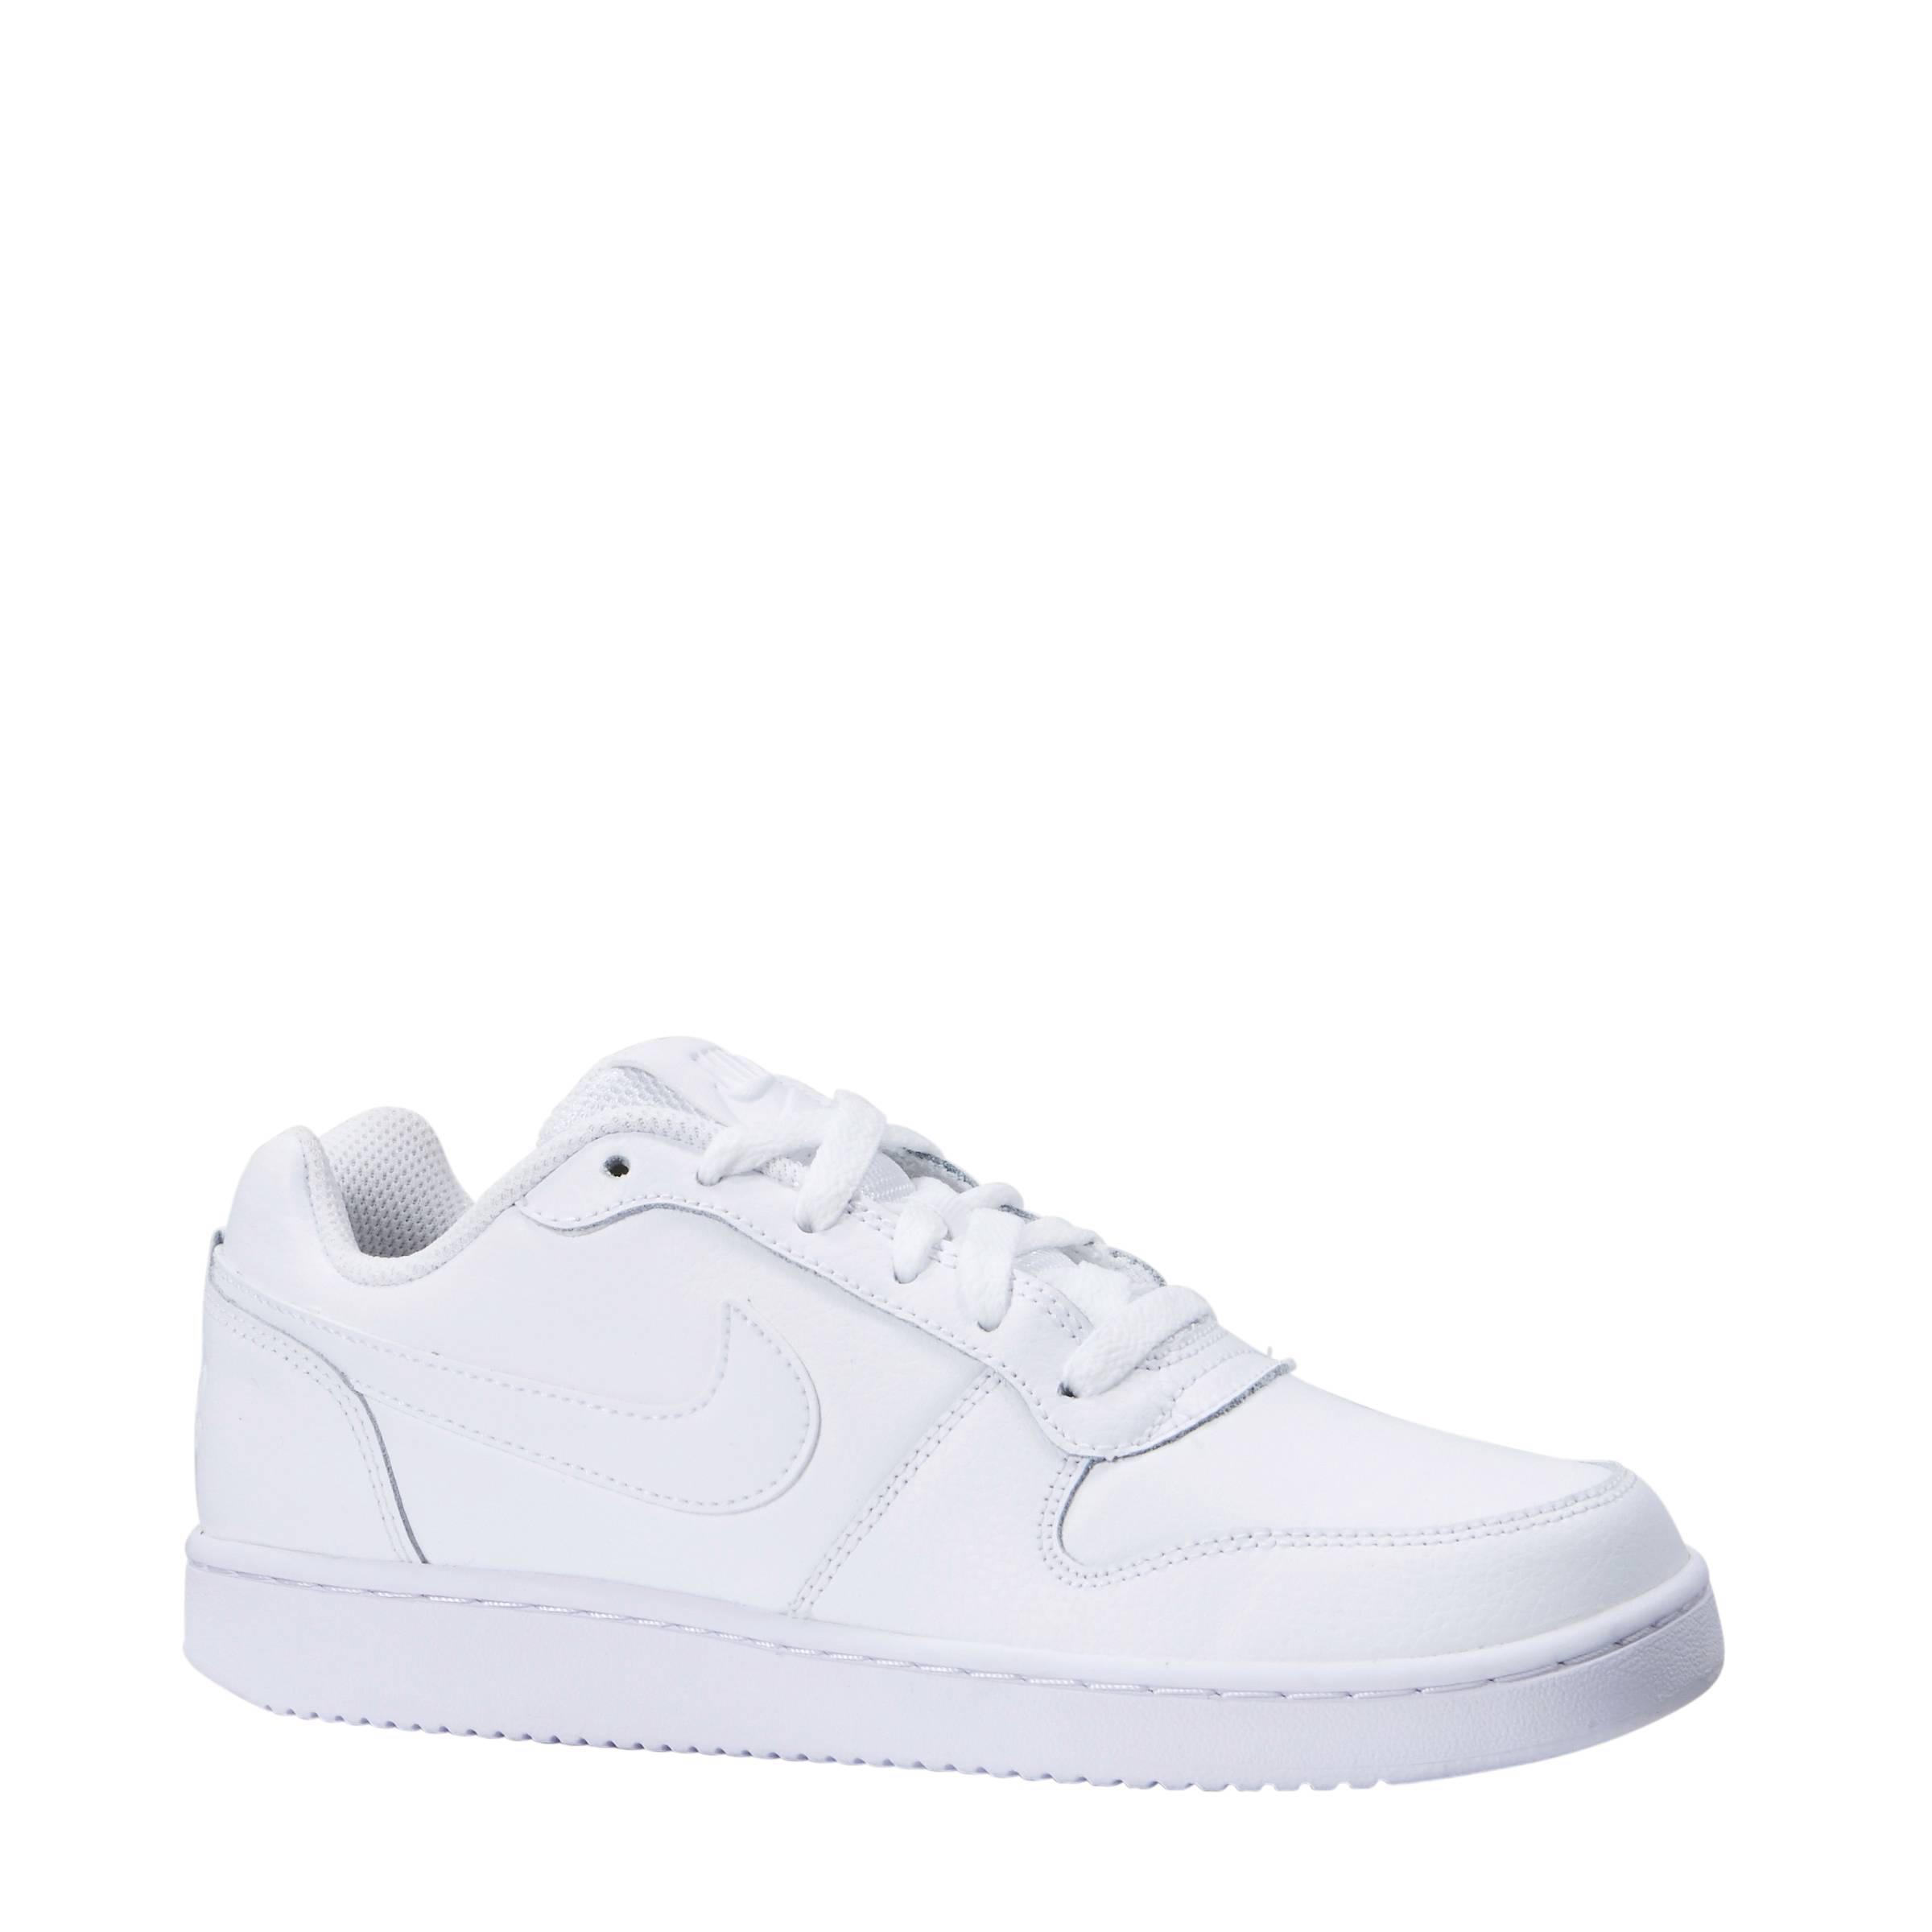 Nike Ebernon Low Dames Sneakers Schoenen wit 38